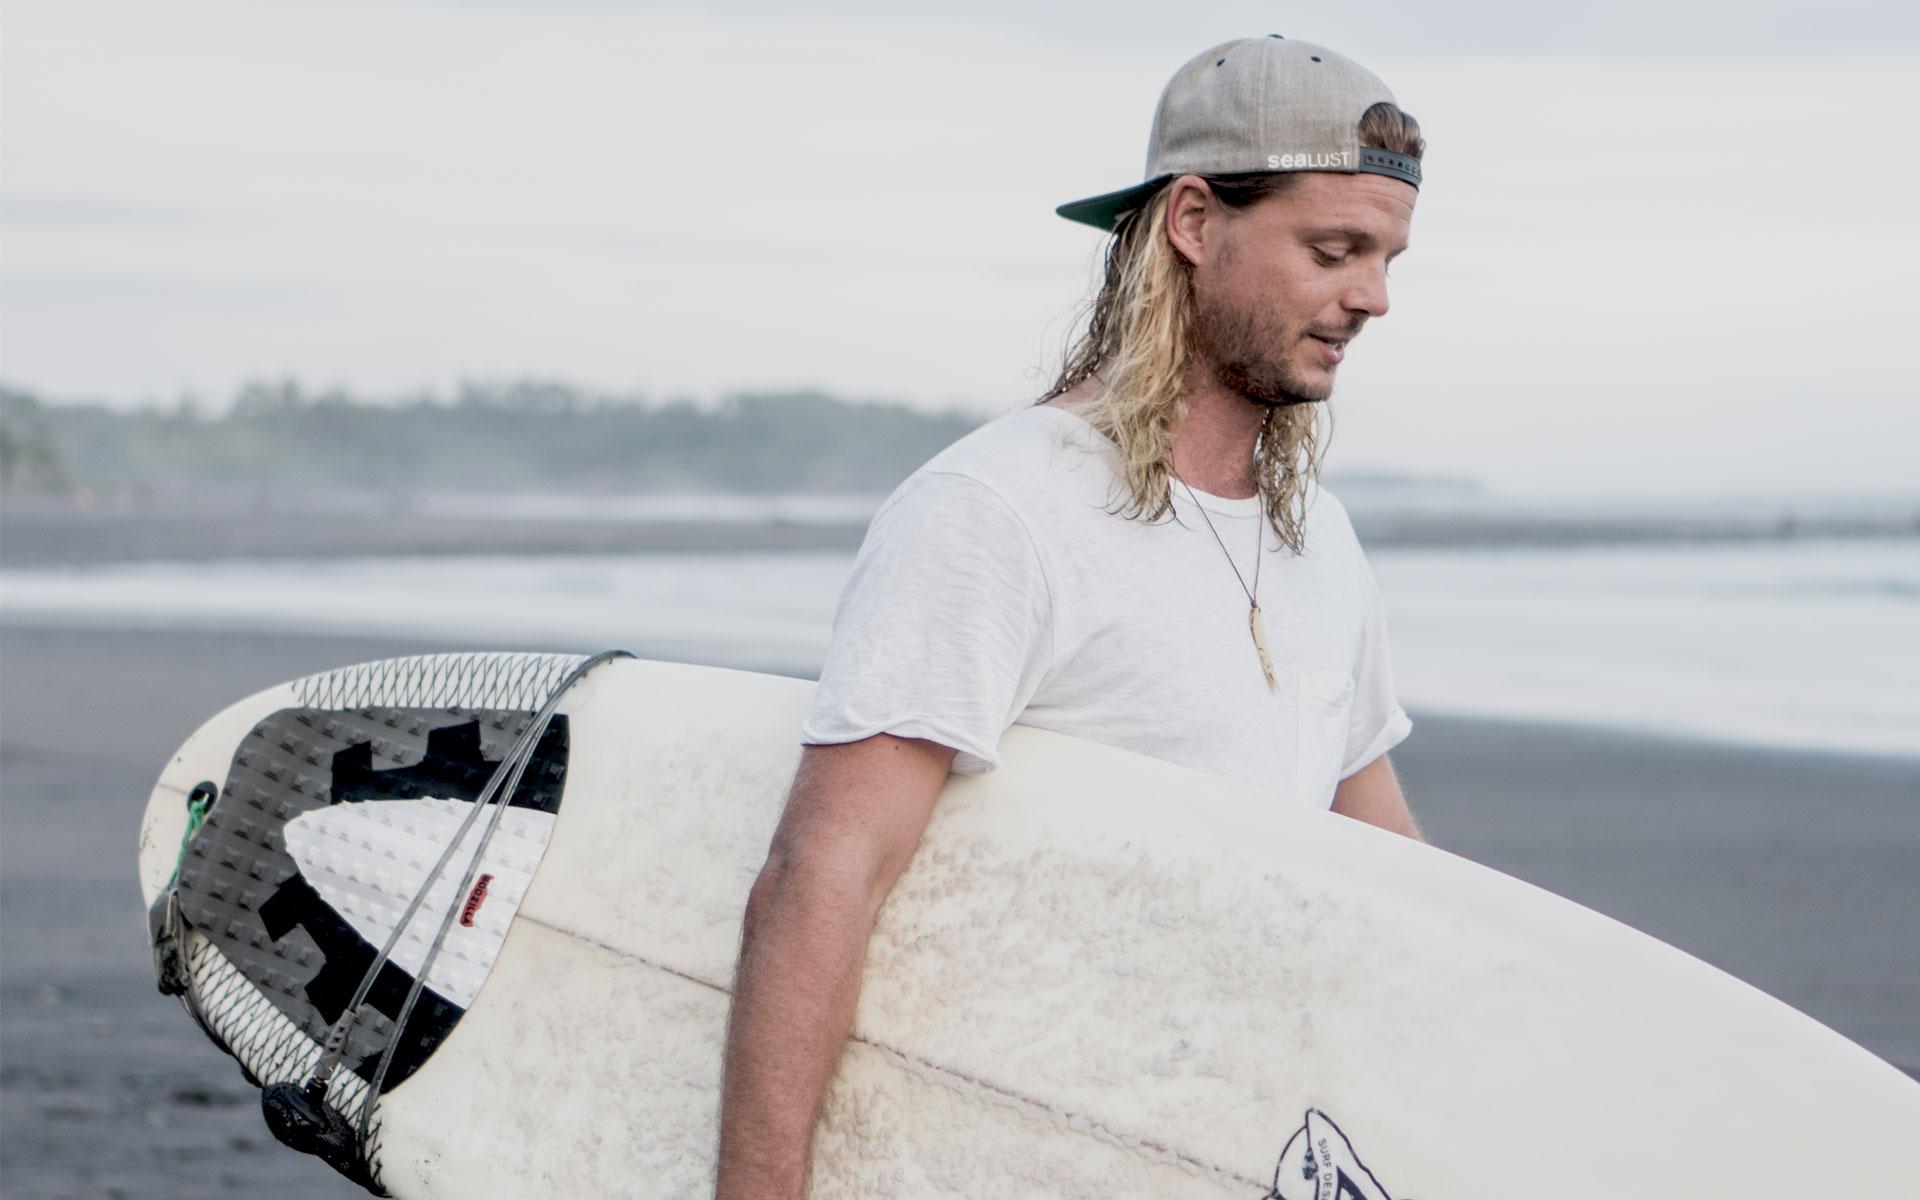 Ein Surfer und Entdecker